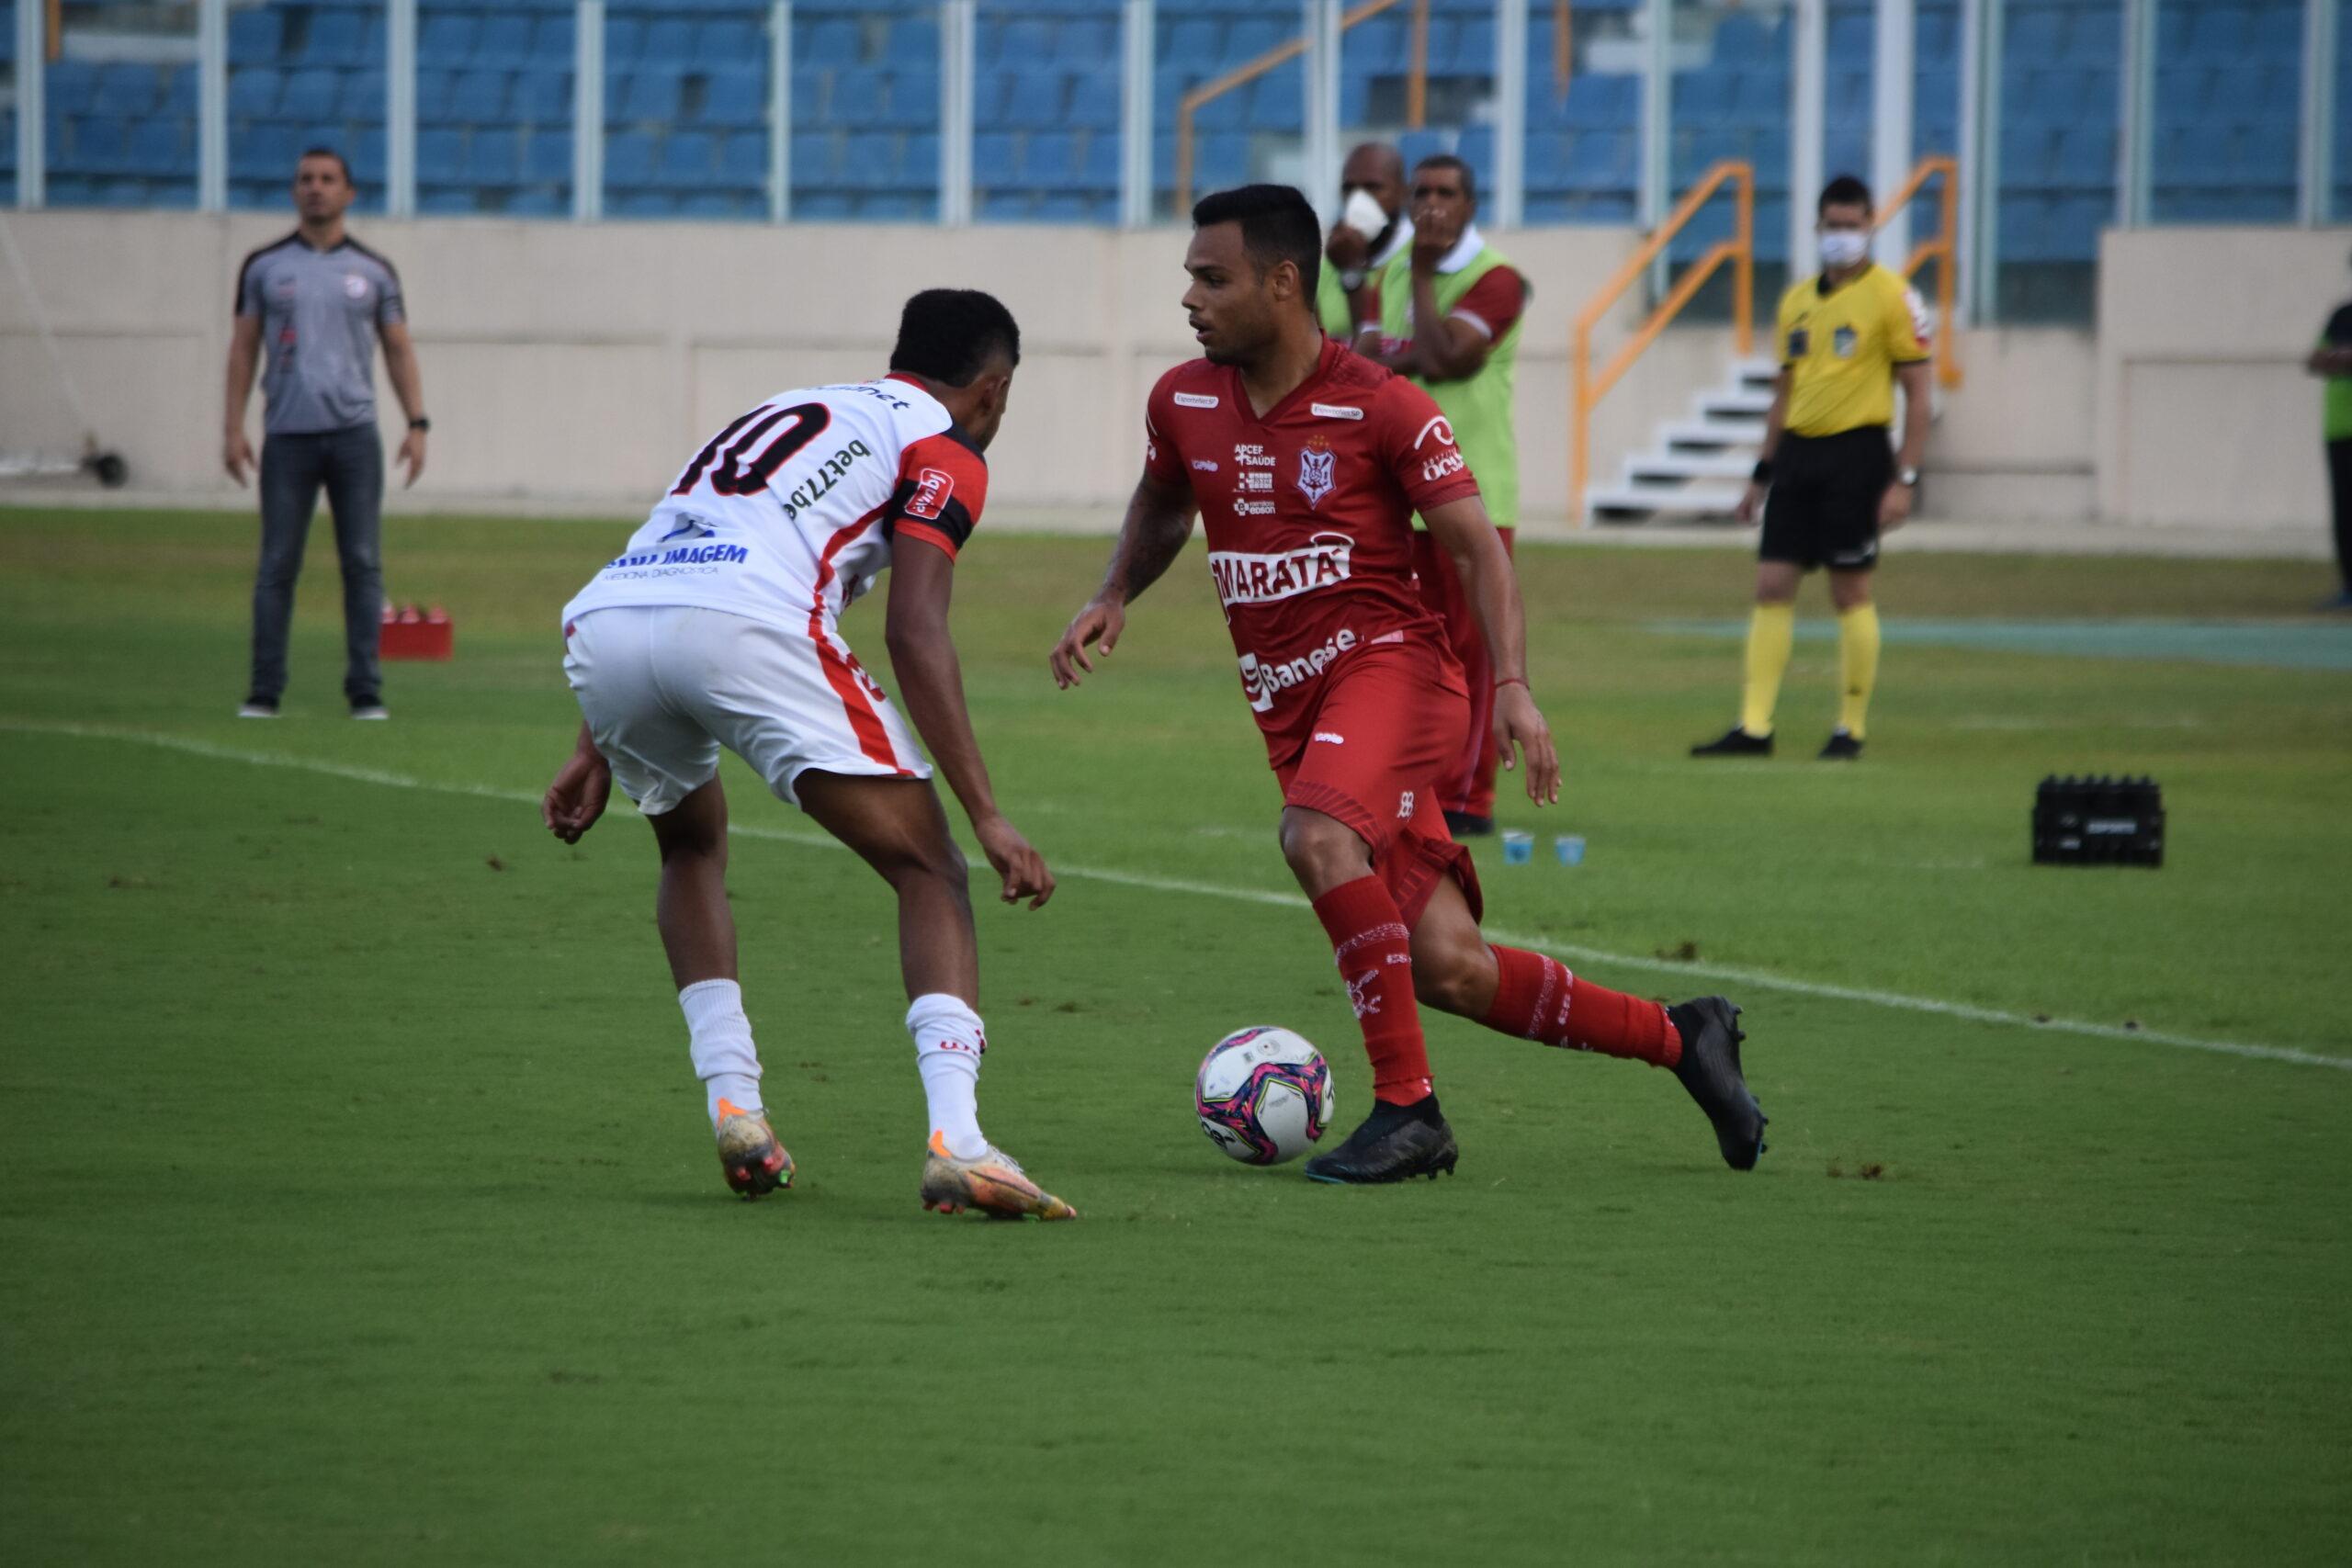 Sergipe arranca empate com o Campinense na 2° fase da Série D